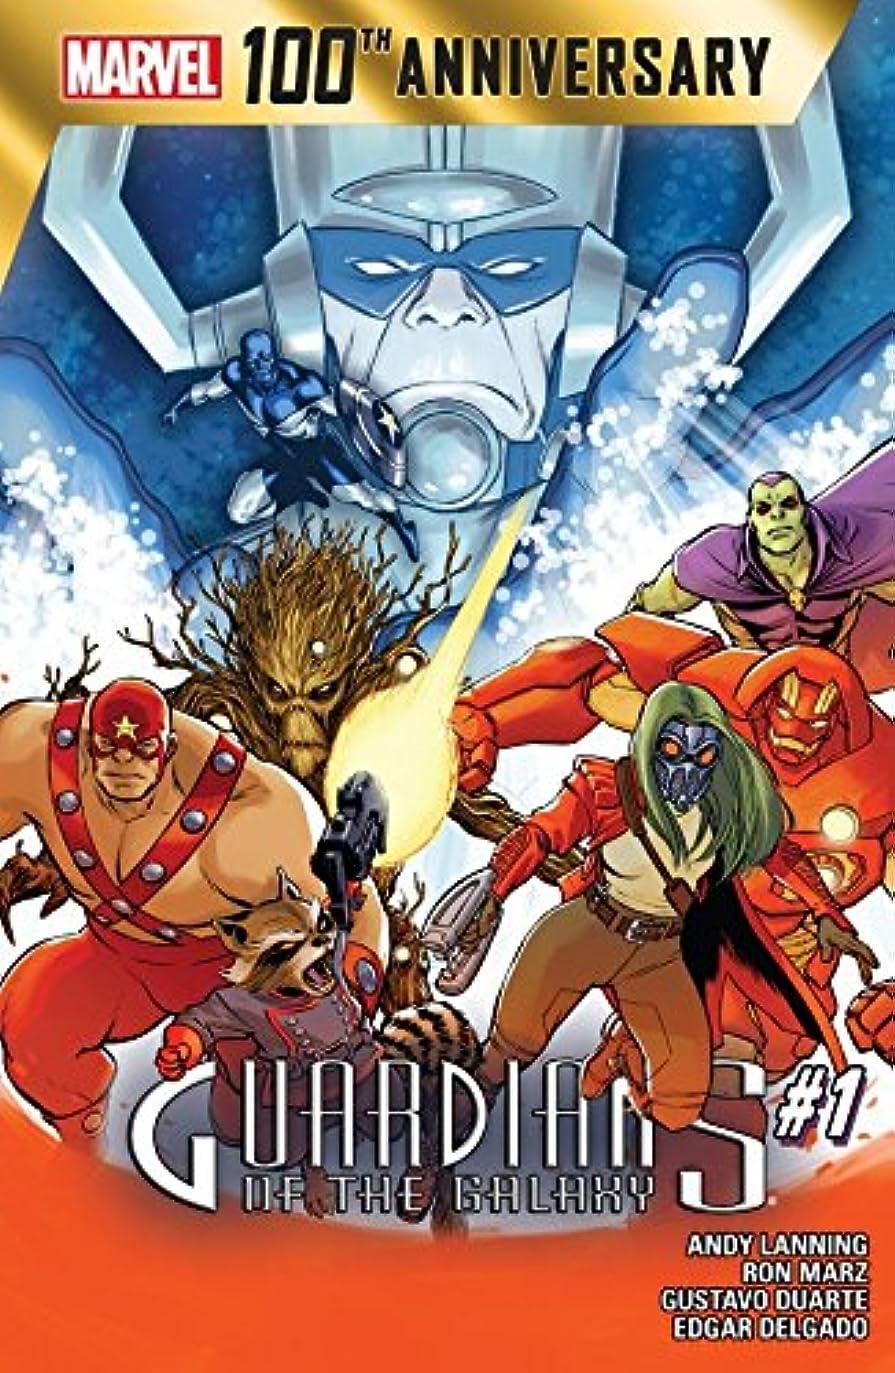 みなす均等に急性100th Anniversary Special: Guardians of the Galaxy #1 (Marvel 100th Anniversary Special) (English Edition)